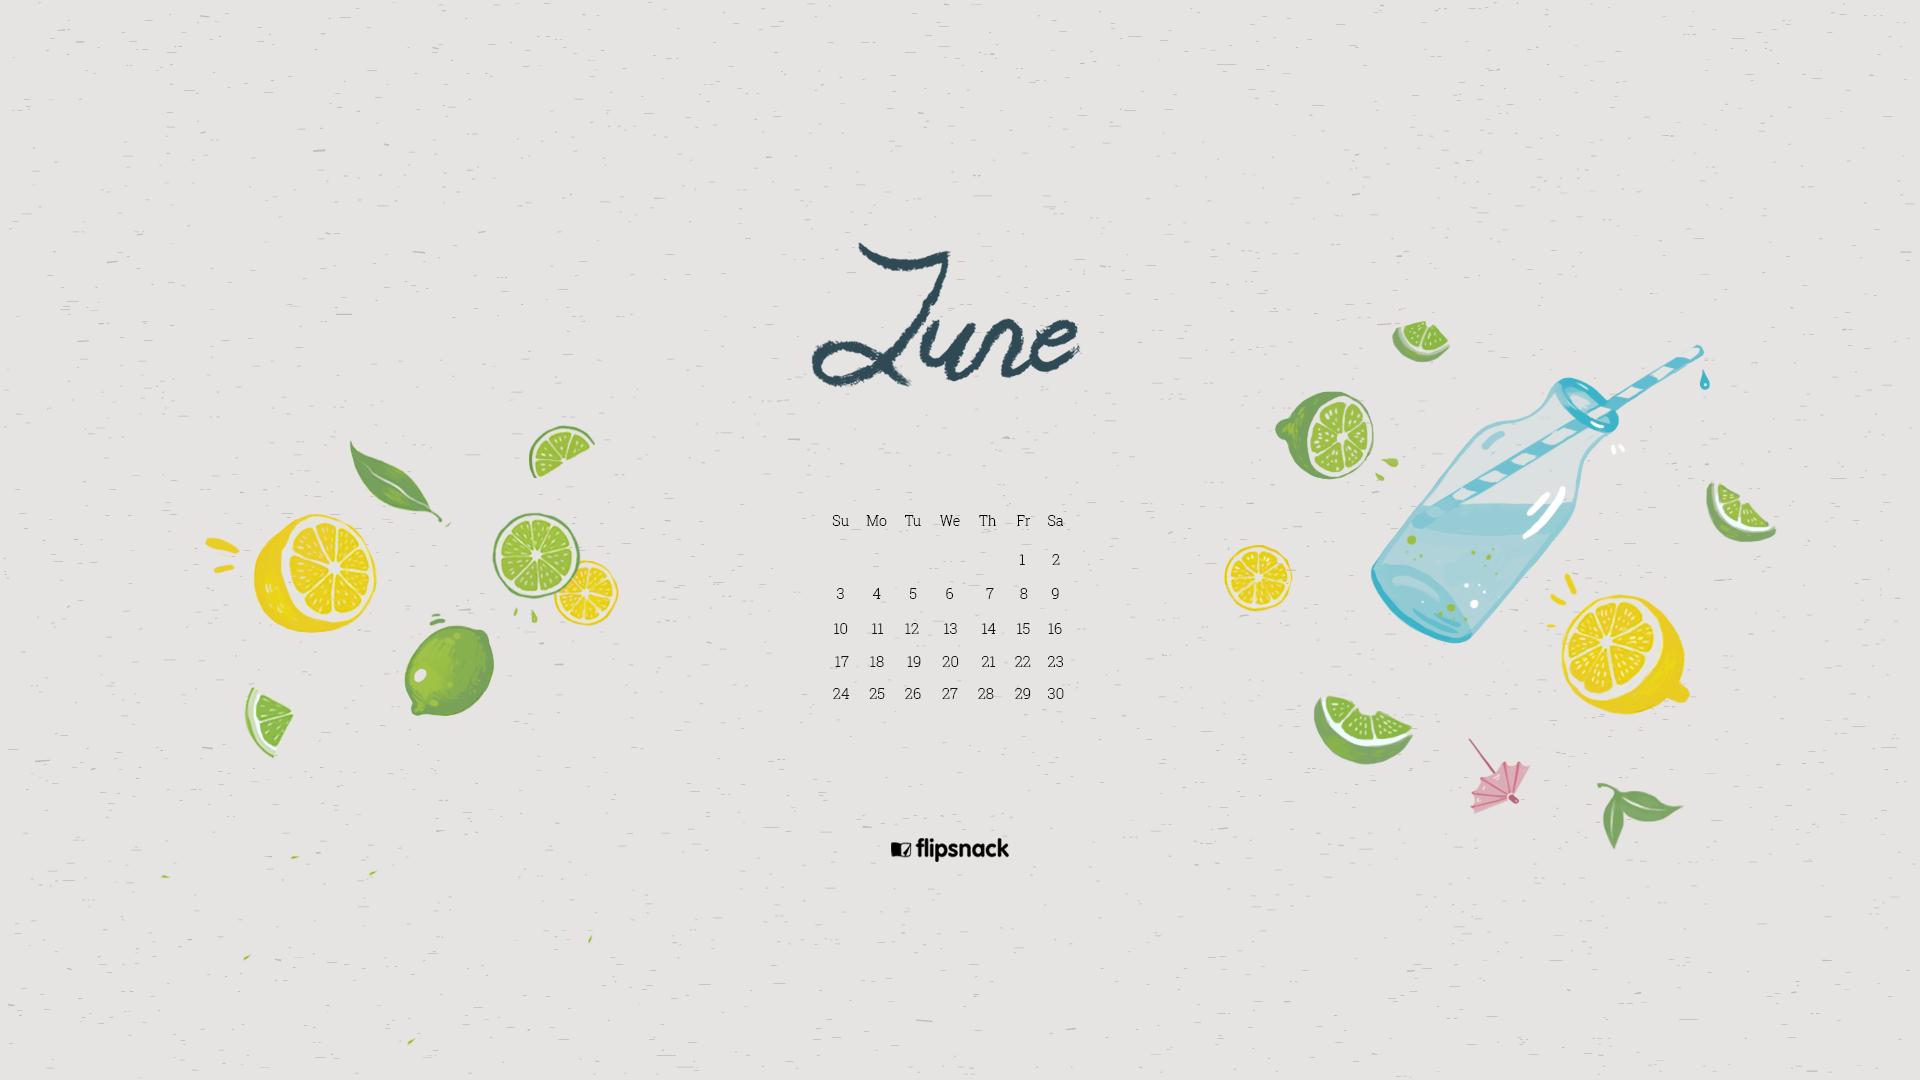 June 2018 wallpaper calendar for